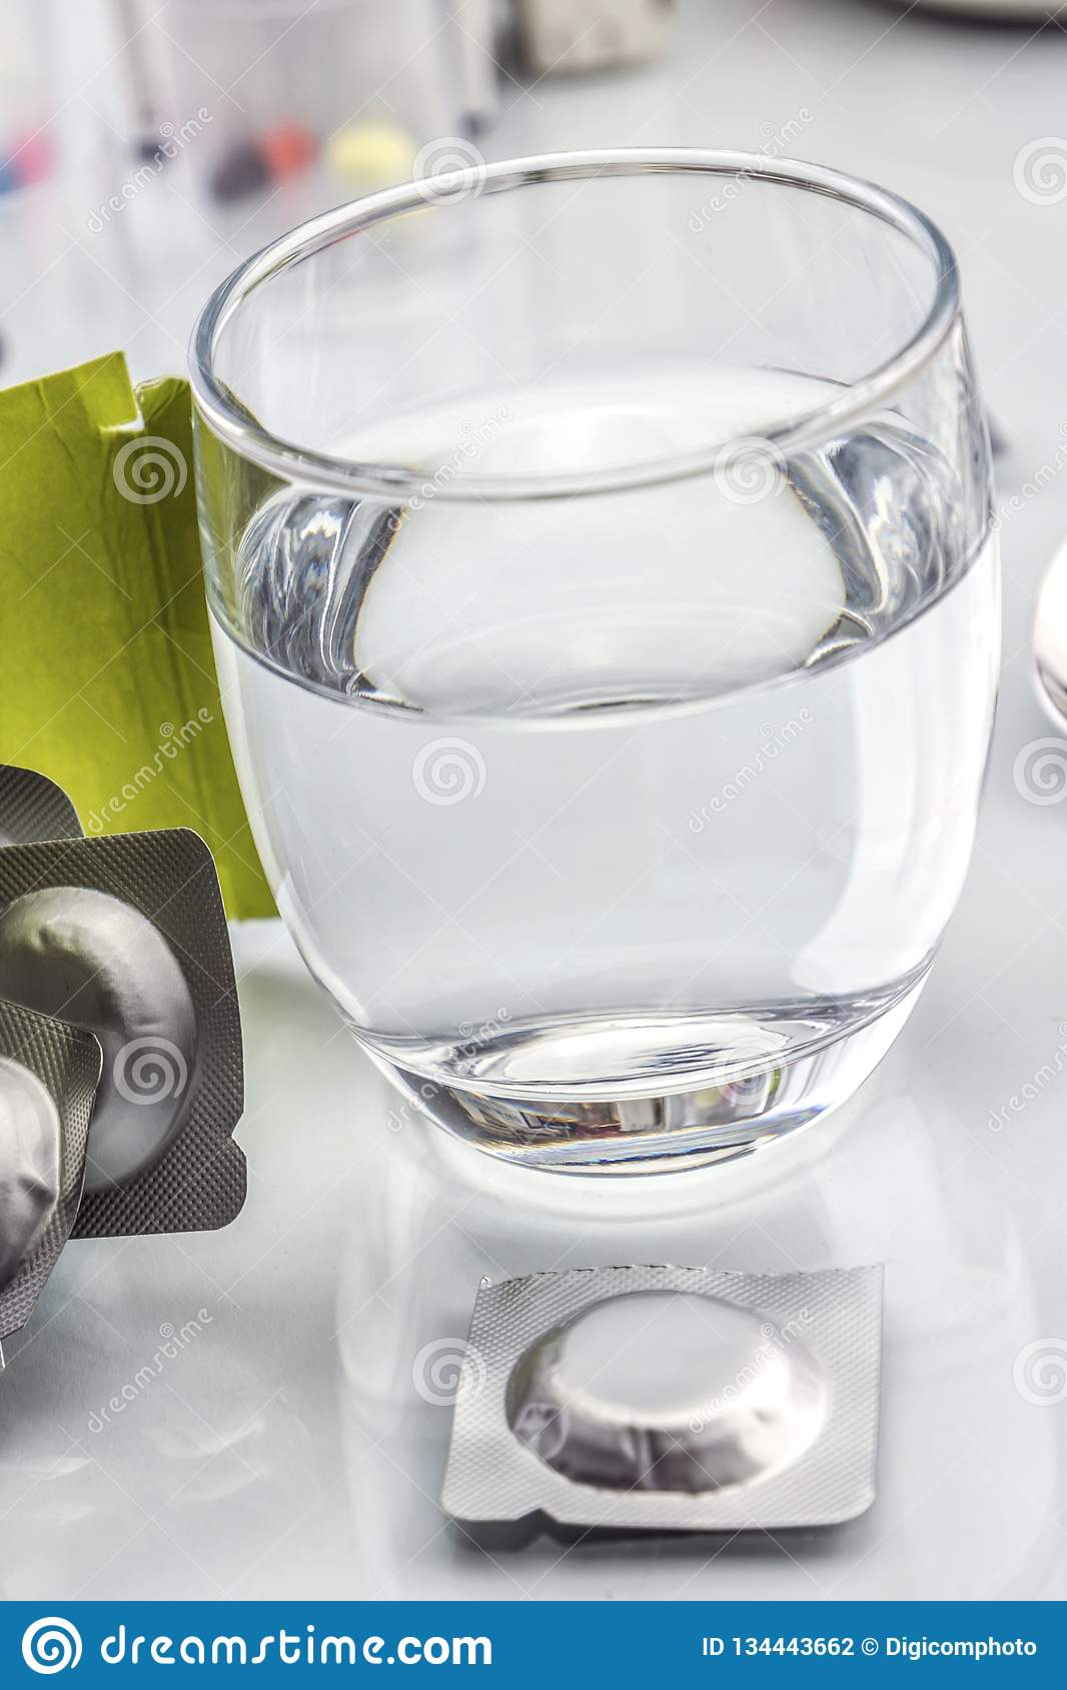 冒泡玻璃压片水